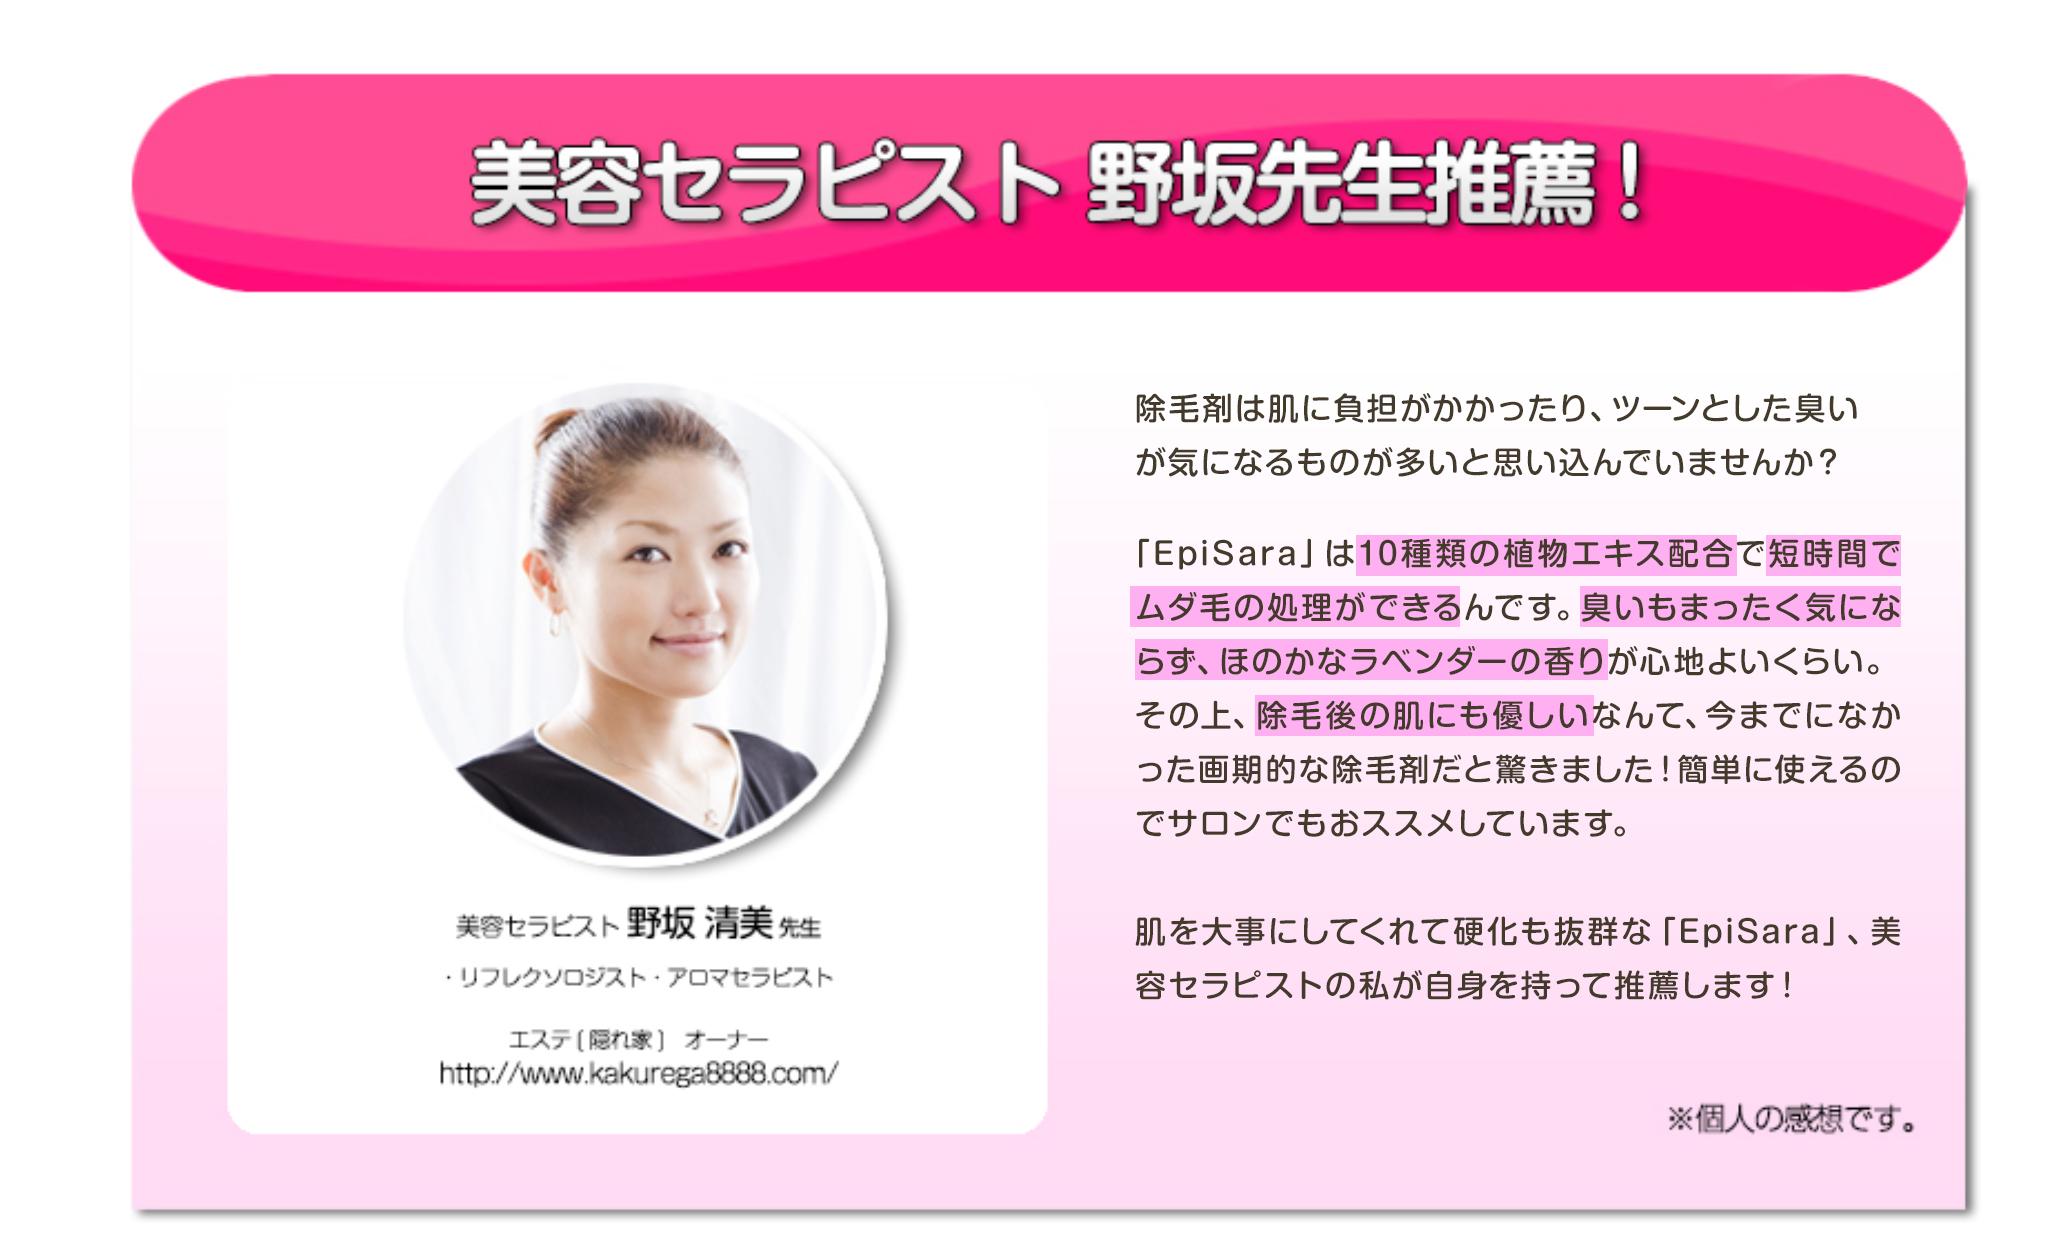 美容セラピスト野坂先生推薦!